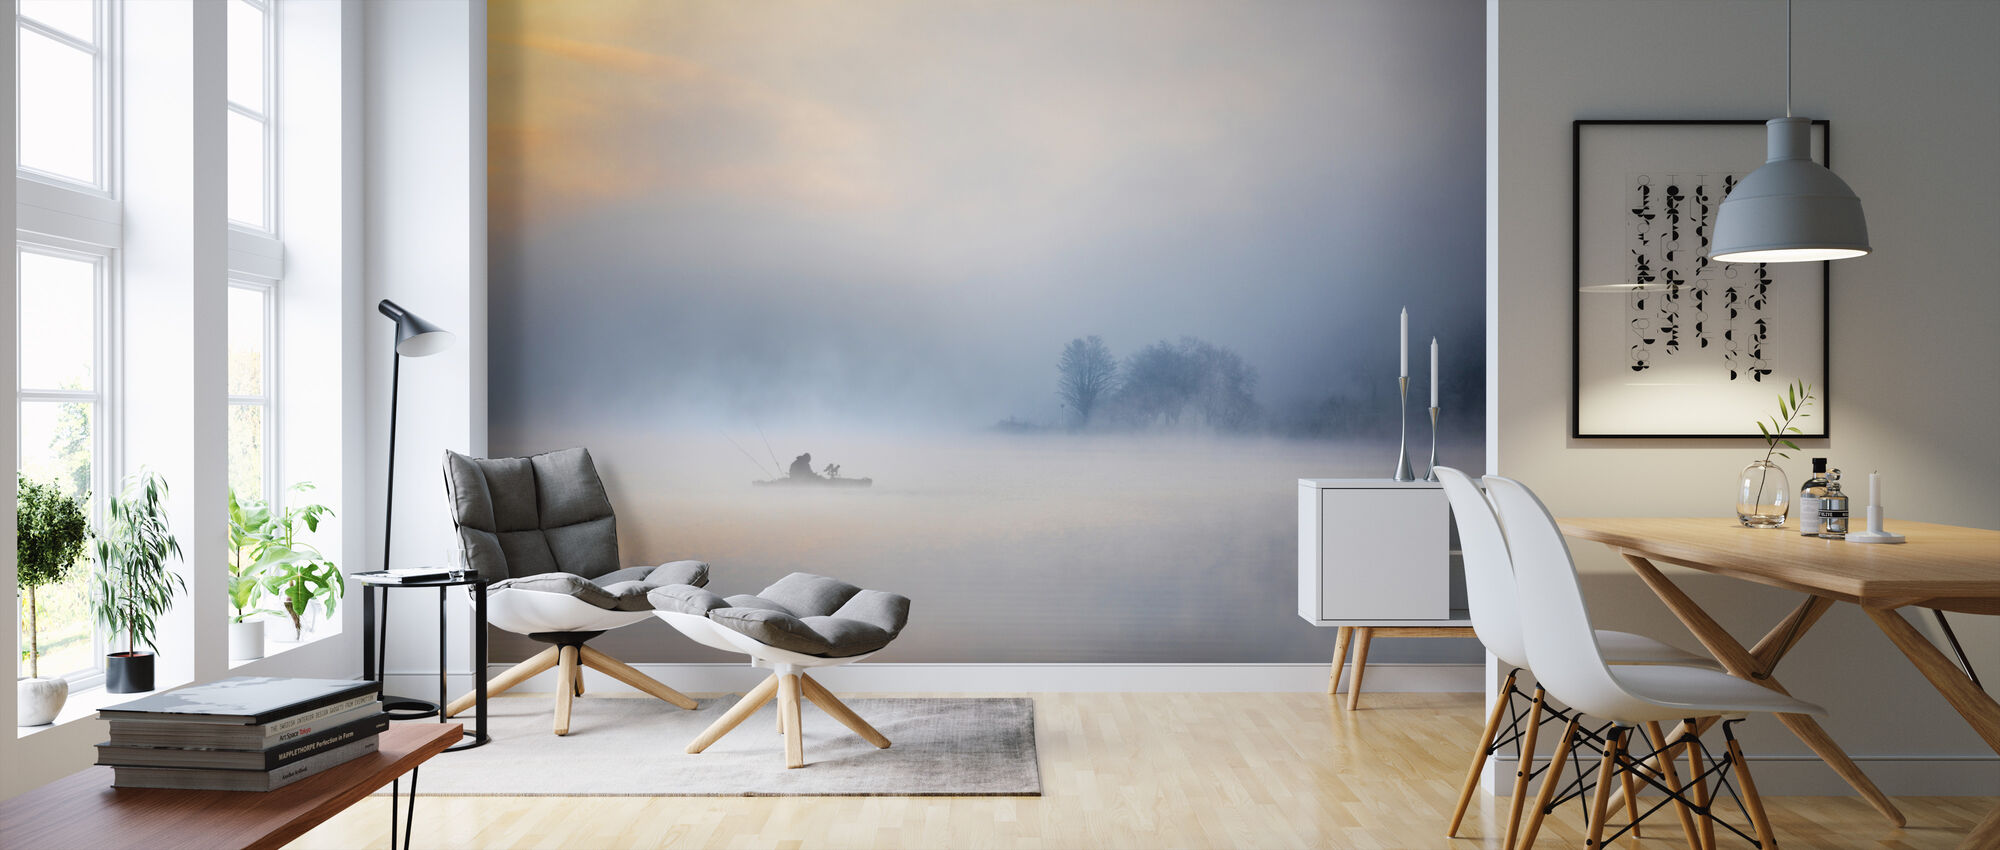 Fog in the Lake - Wallpaper - Living Room